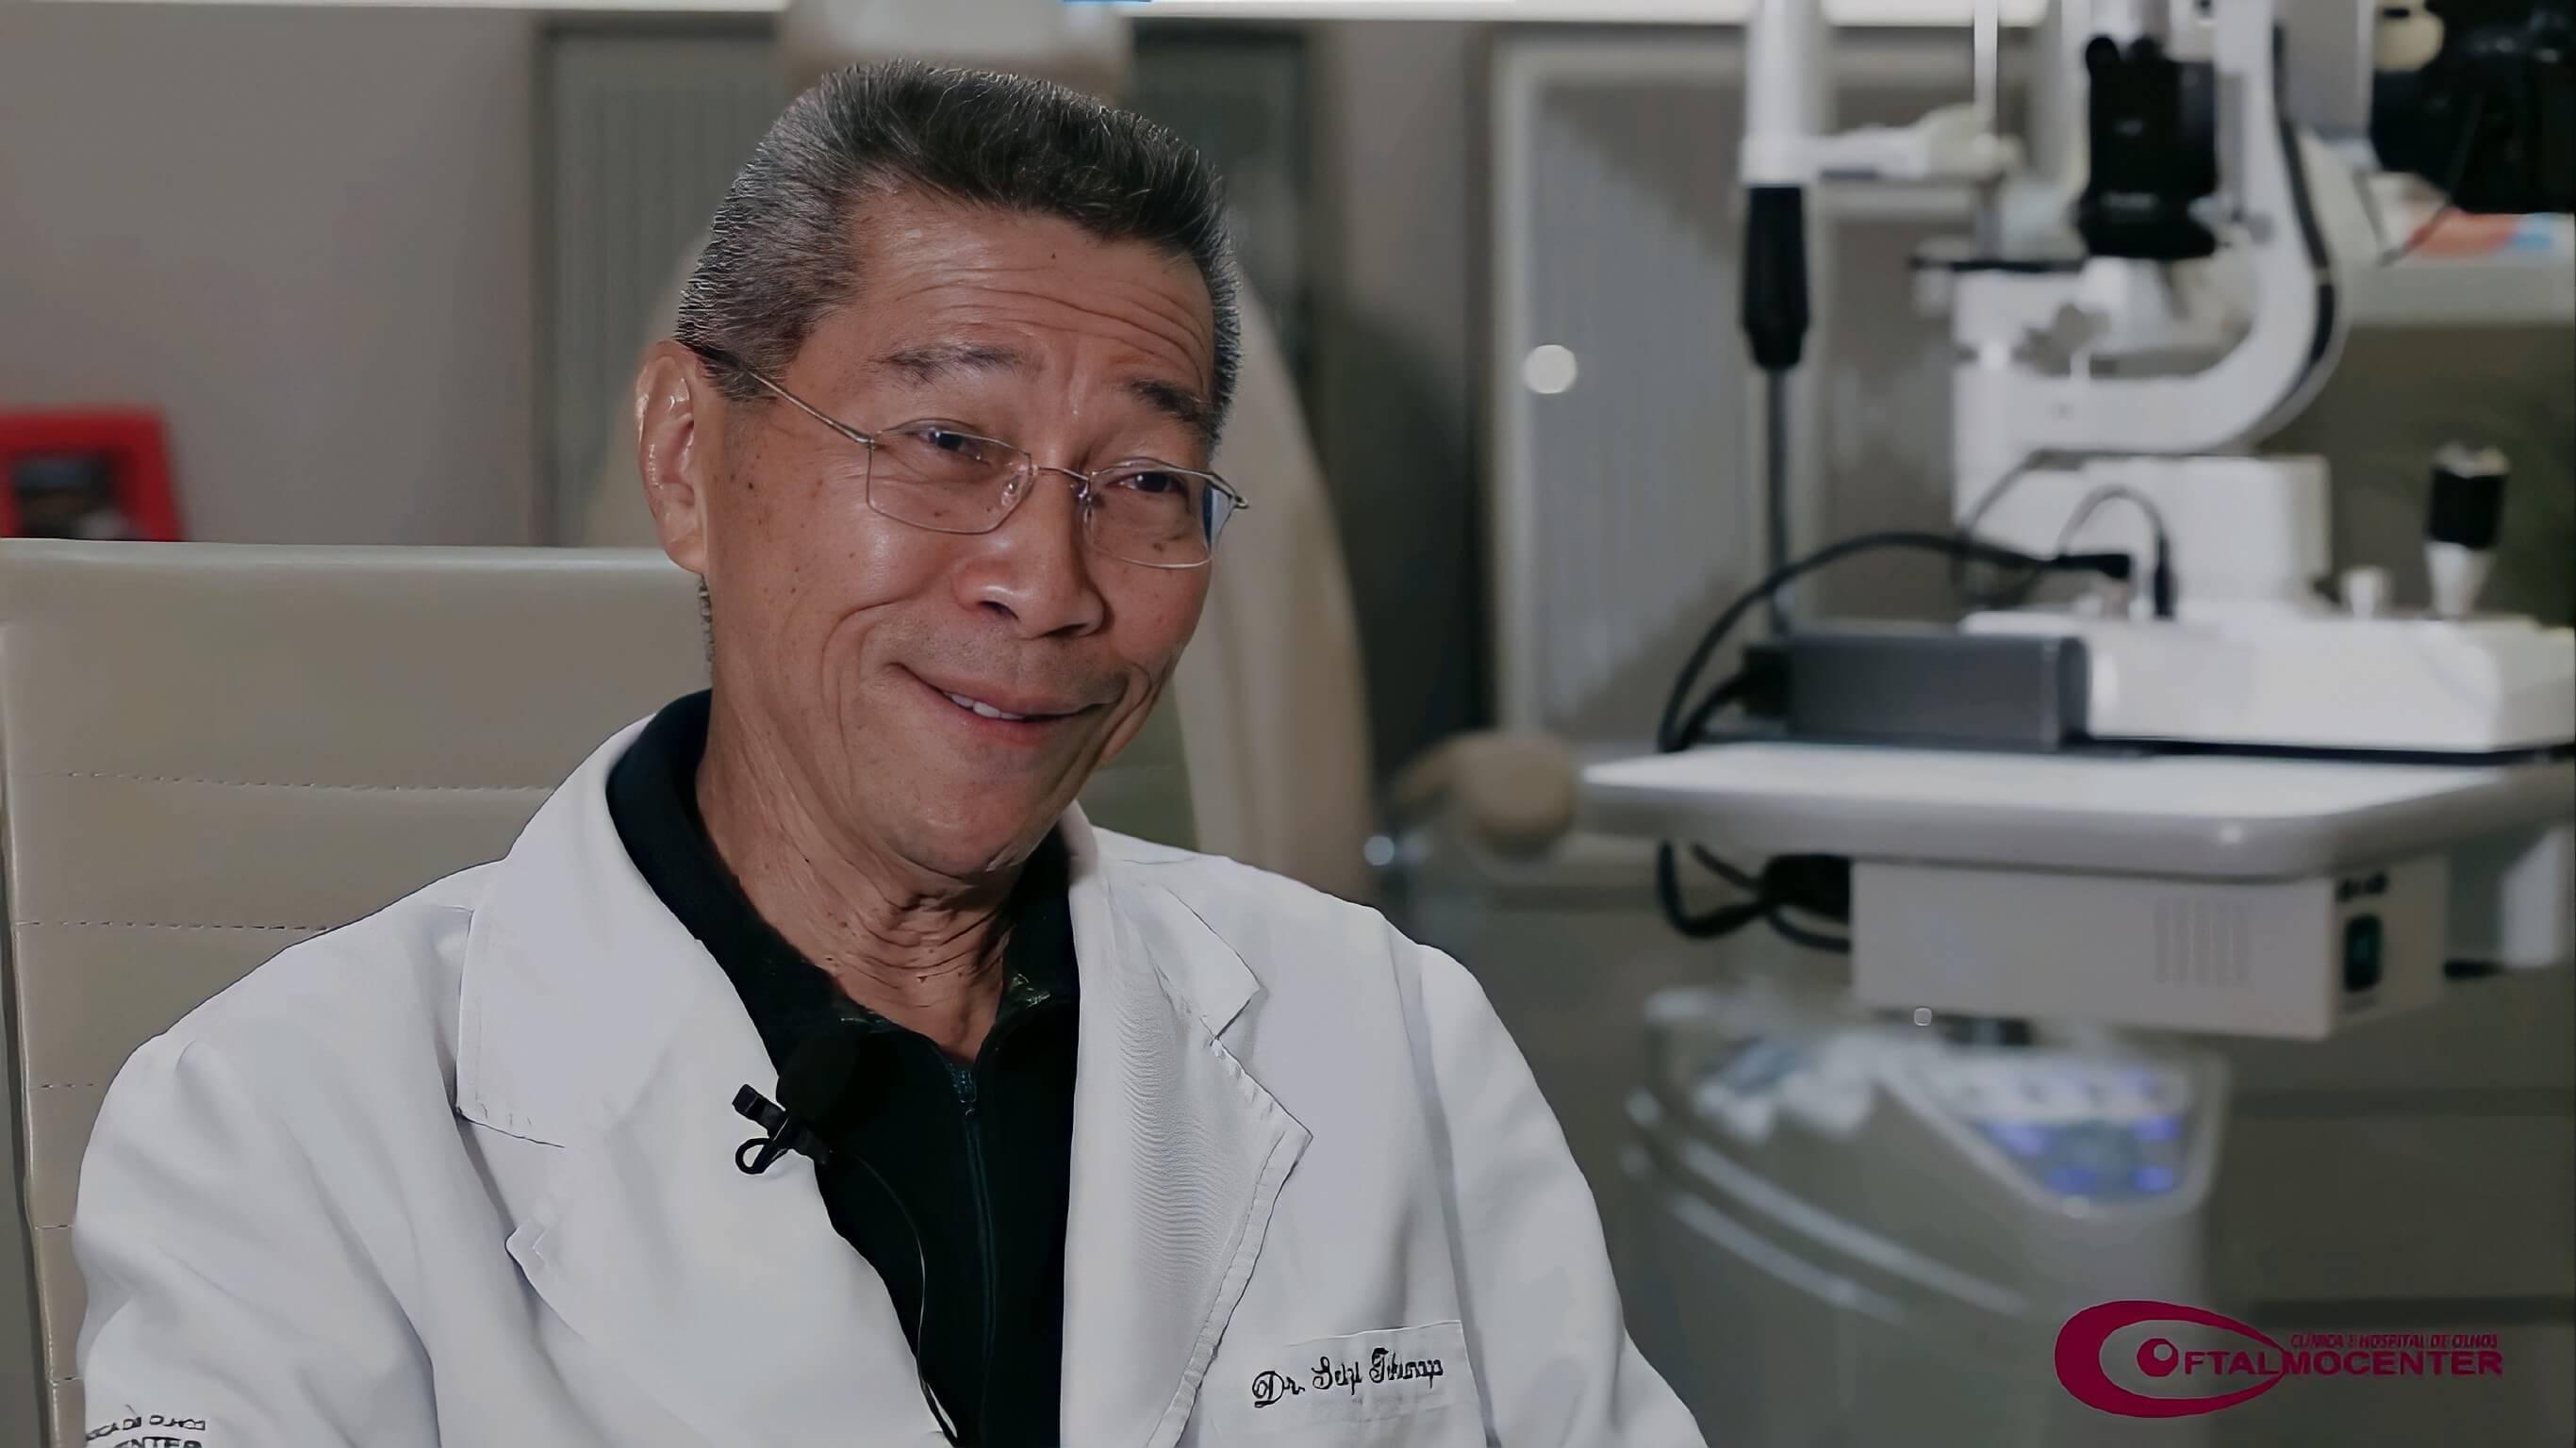 Dr. Seizi Tokunaga